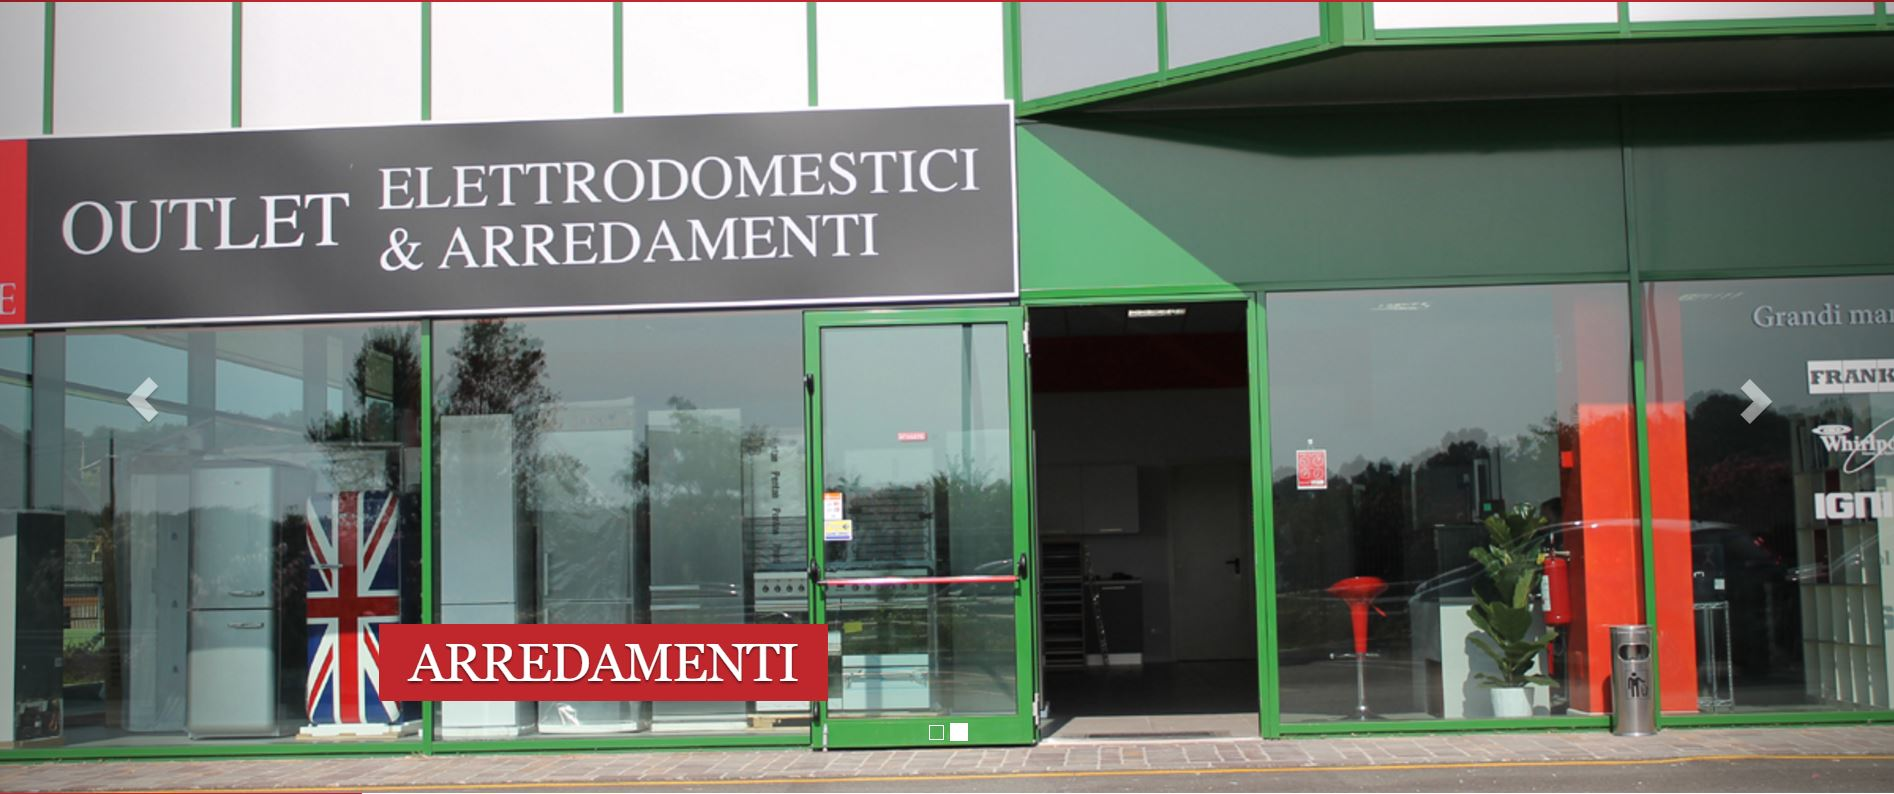 Outlet Arredamento Desenzano.Elettrodomestici